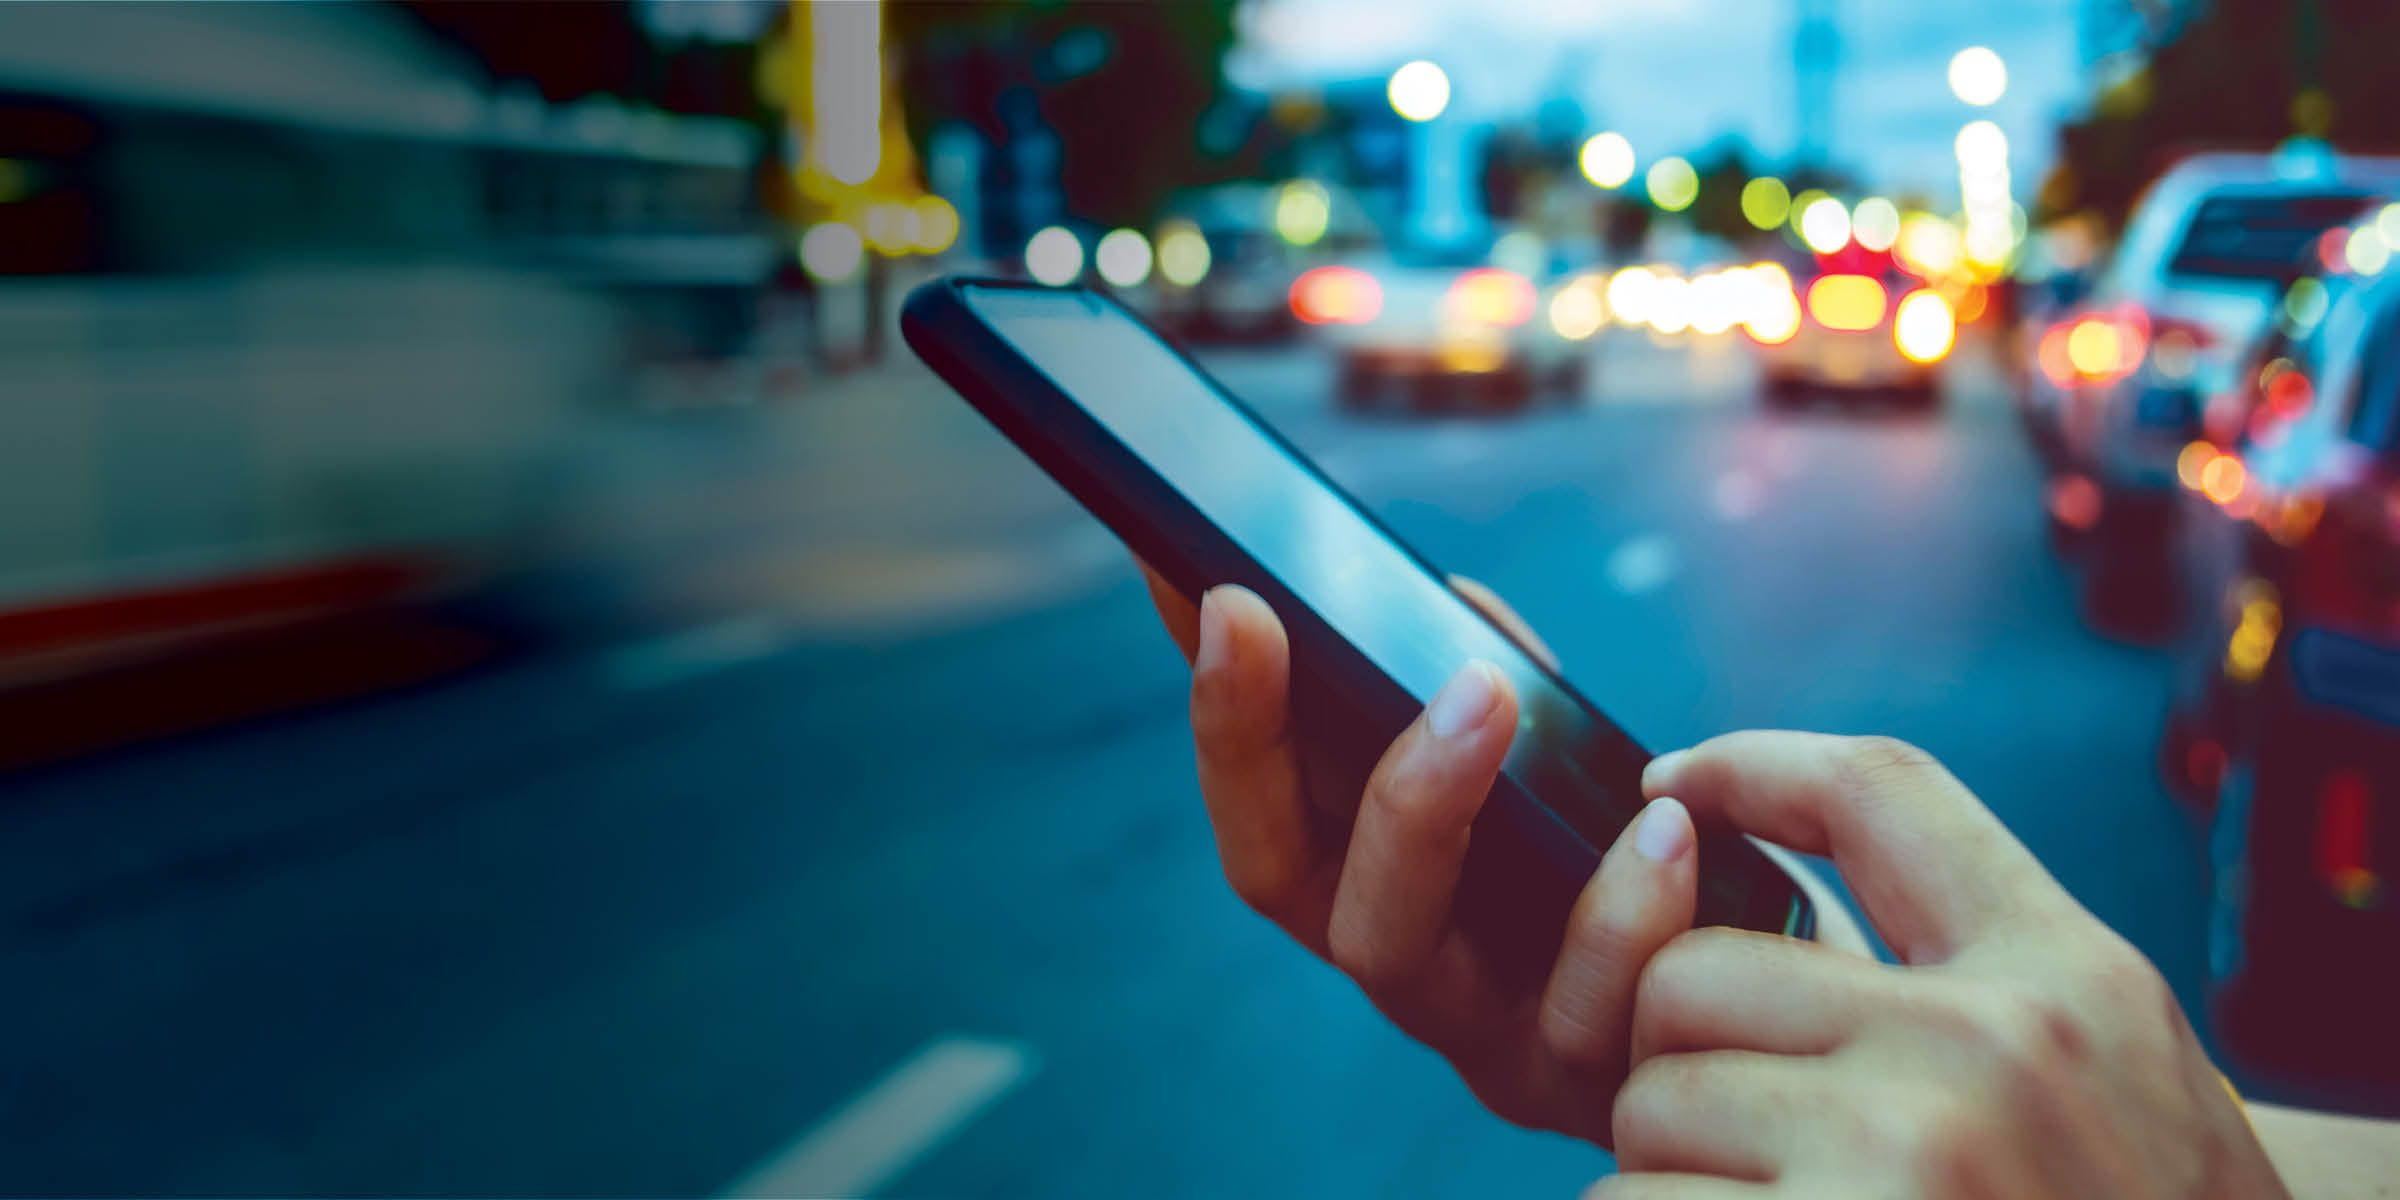 4 puntos para potenciar la experiencia con cliente bancario en tiempo real